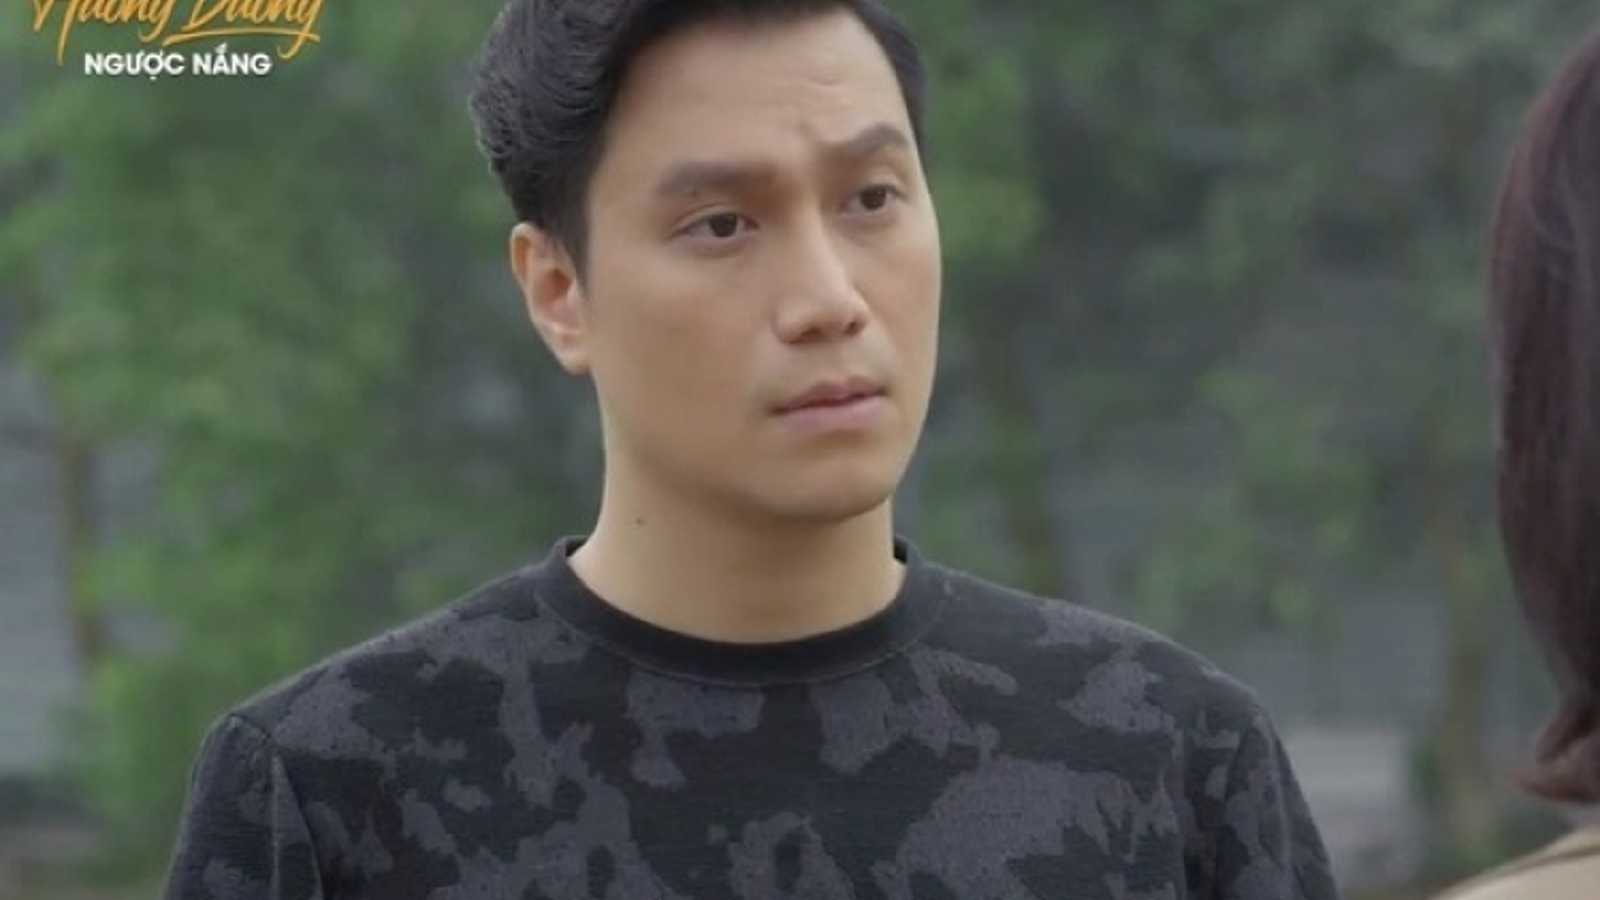 """""""Hướng dương ngược nắng"""" tập 58: Hoàng phủ nhận việc theo đuổi Minh"""